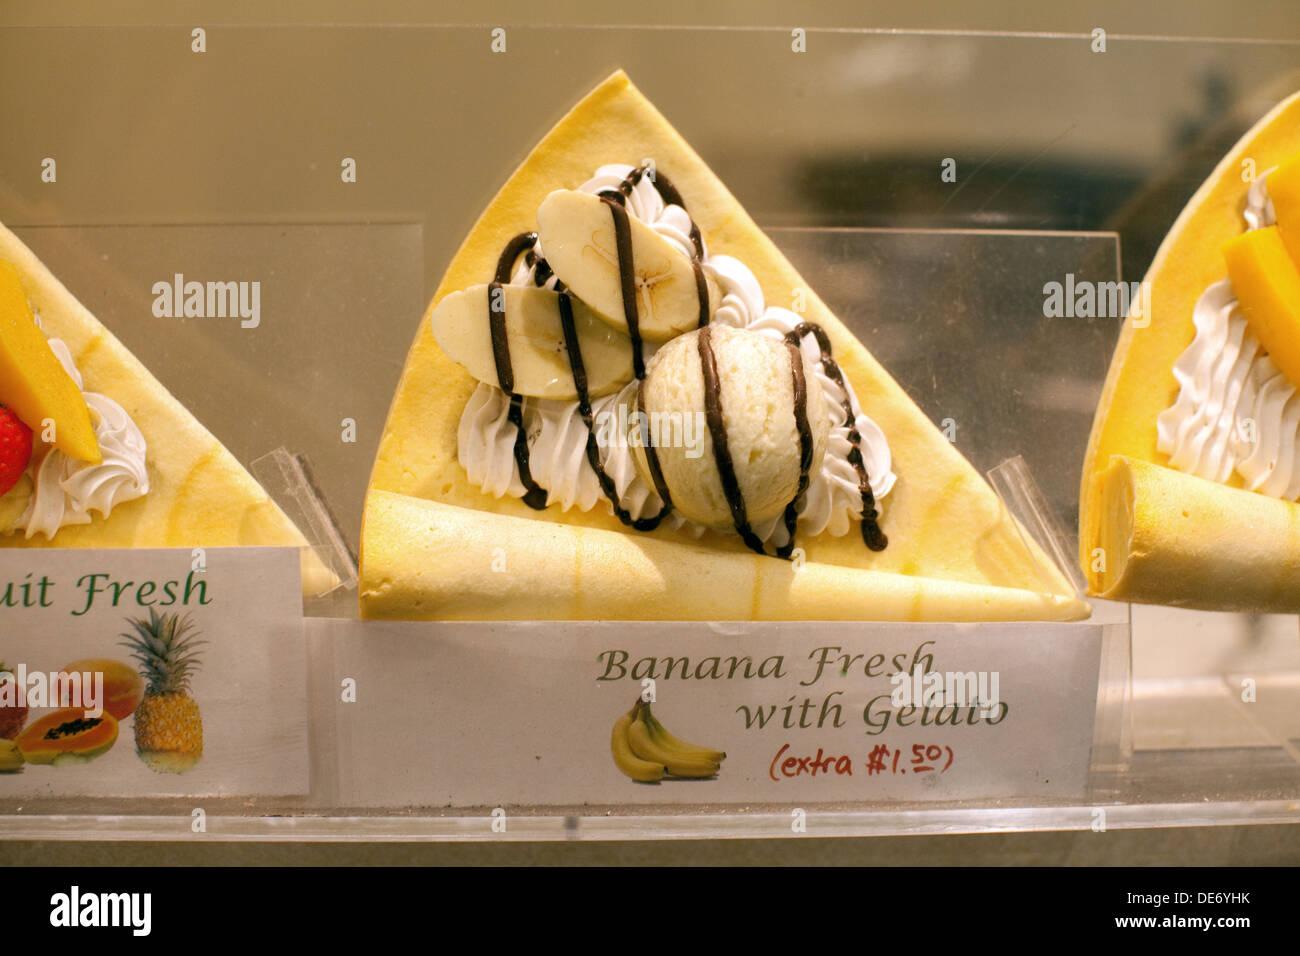 Affichage cas vente de fruits frais avec crêpe banane et glace. Un style japonais préférés dessert crêpe. Banque D'Images